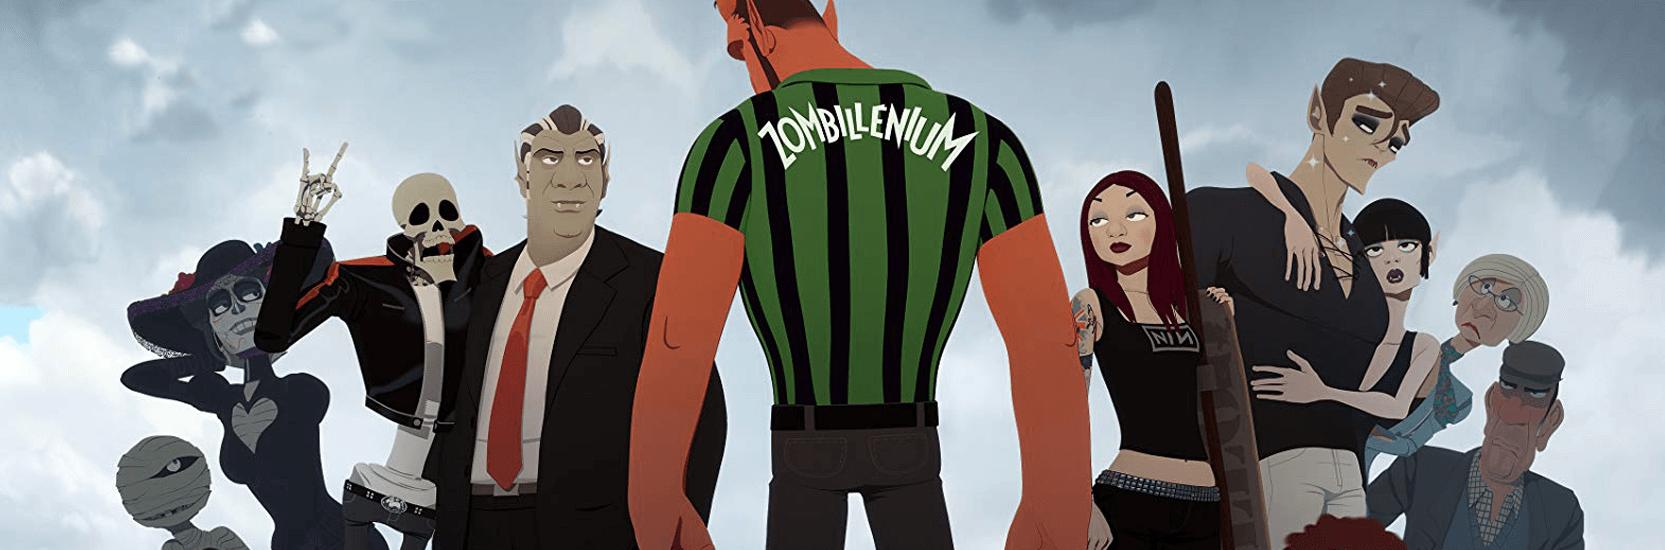 Critique – Zombillenium : un parc d'enfer !